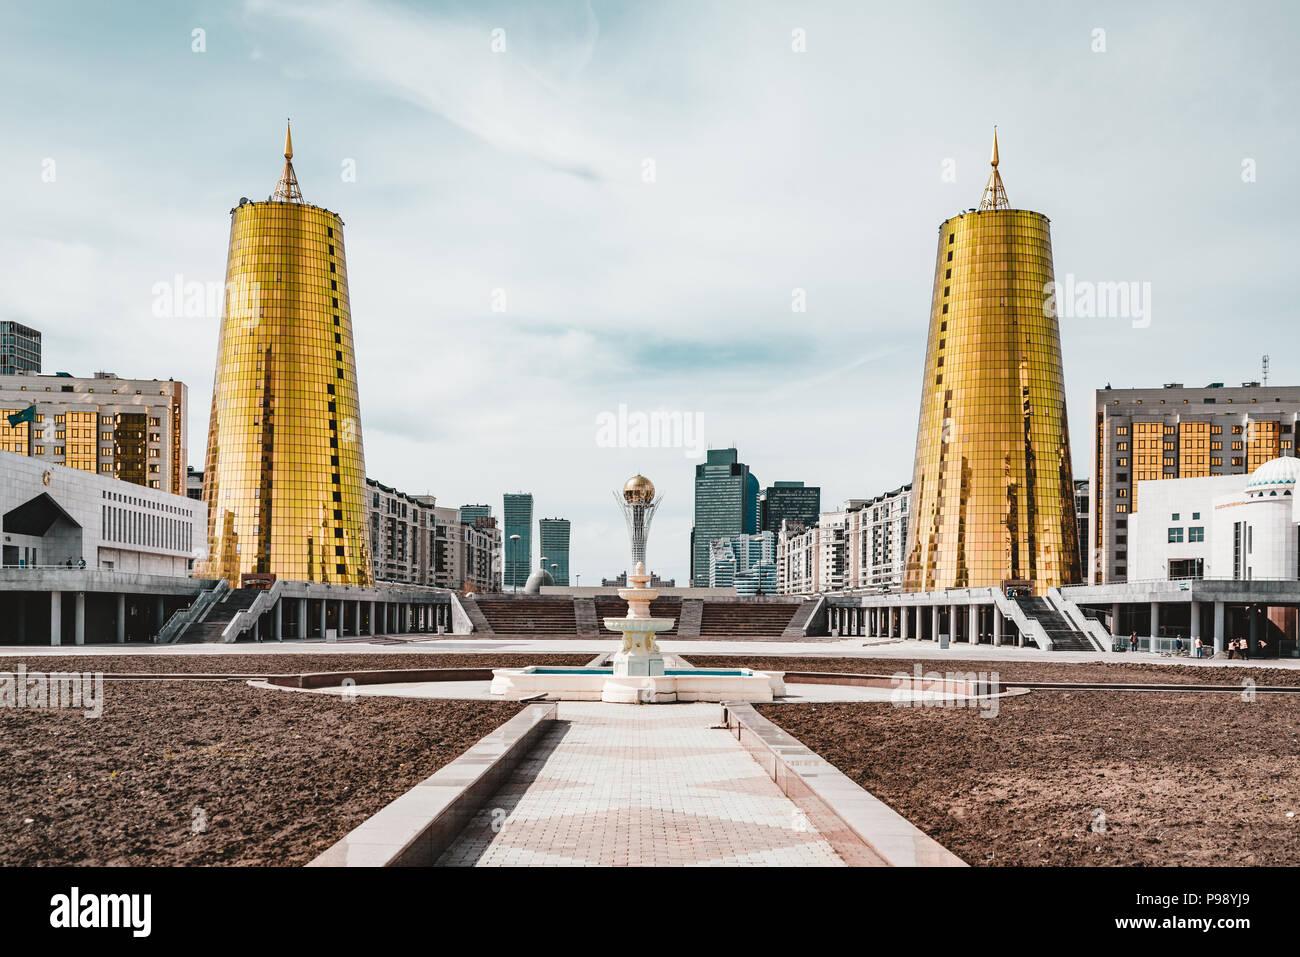 Erhöhte Panoramablick auf die Stadt über Astana in Kasachstan mit goldenen Türmen aka die Bierdosen und Präsidentenpalast Ak Orda Stockbild